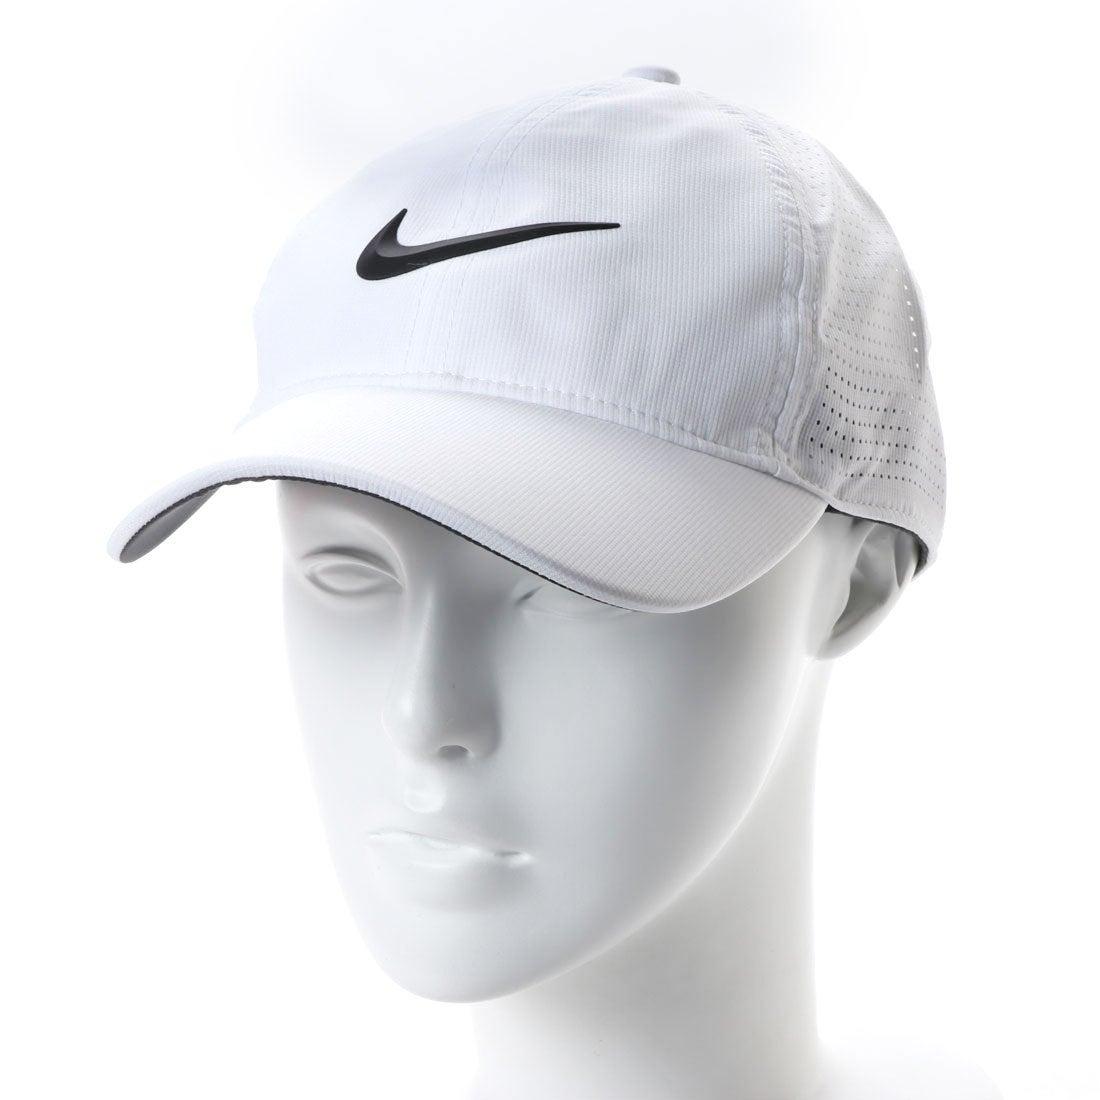 ナイキゴルフ NIKE GOLF レディース ゴルフ キャップ Ws エアロビル レガシー91 パーフォレーテッド キャップ c7f64a5a0966